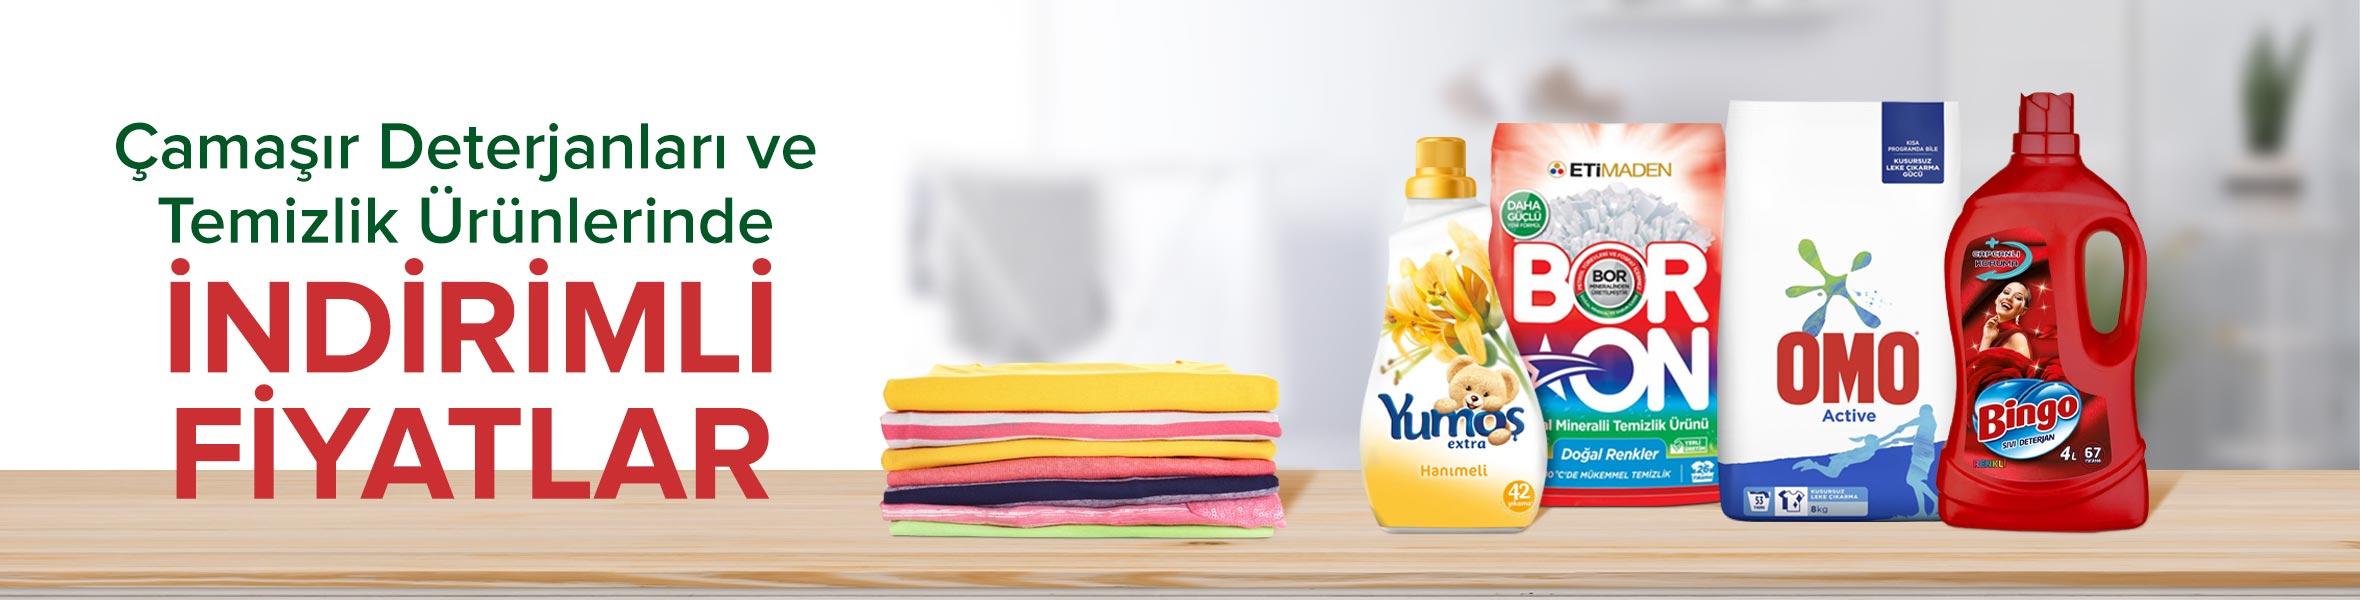 Çamaşır Yıkama Ürünlerinde Uygun Fiyatlar